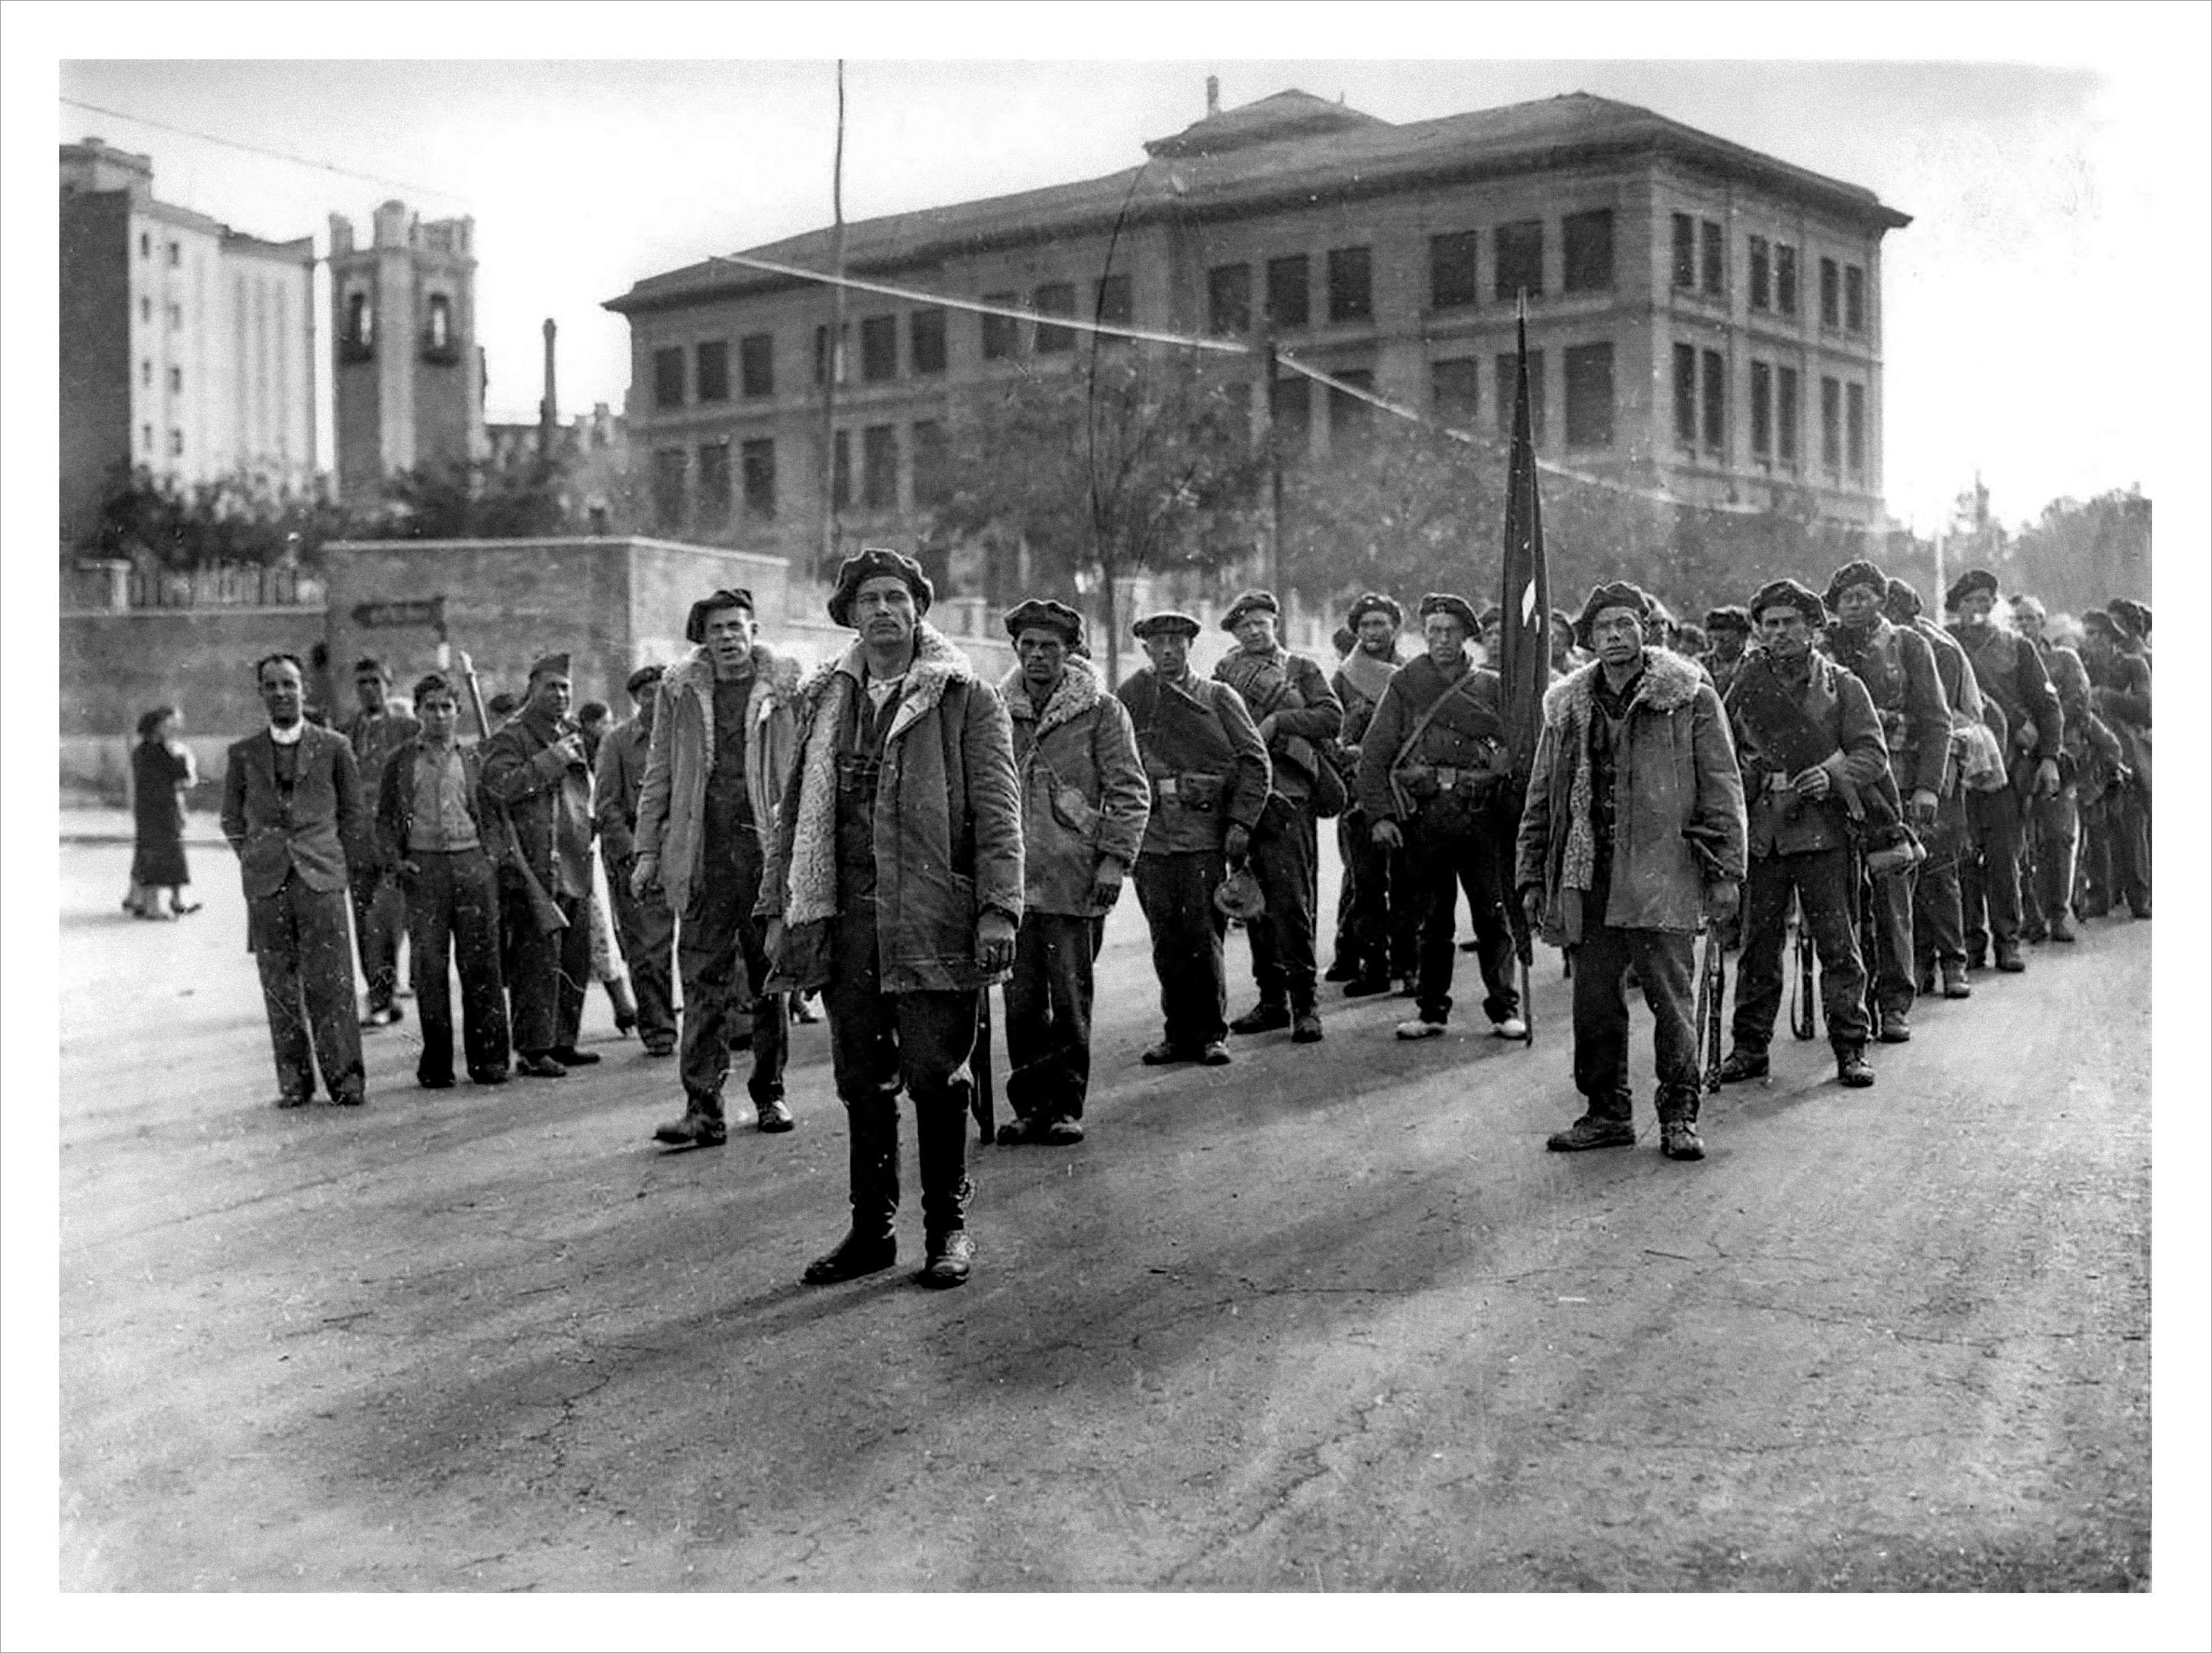 Brigadas Internacionales en Moncloa antes de entrar en combate (noviembre 1936) - Diario ABC